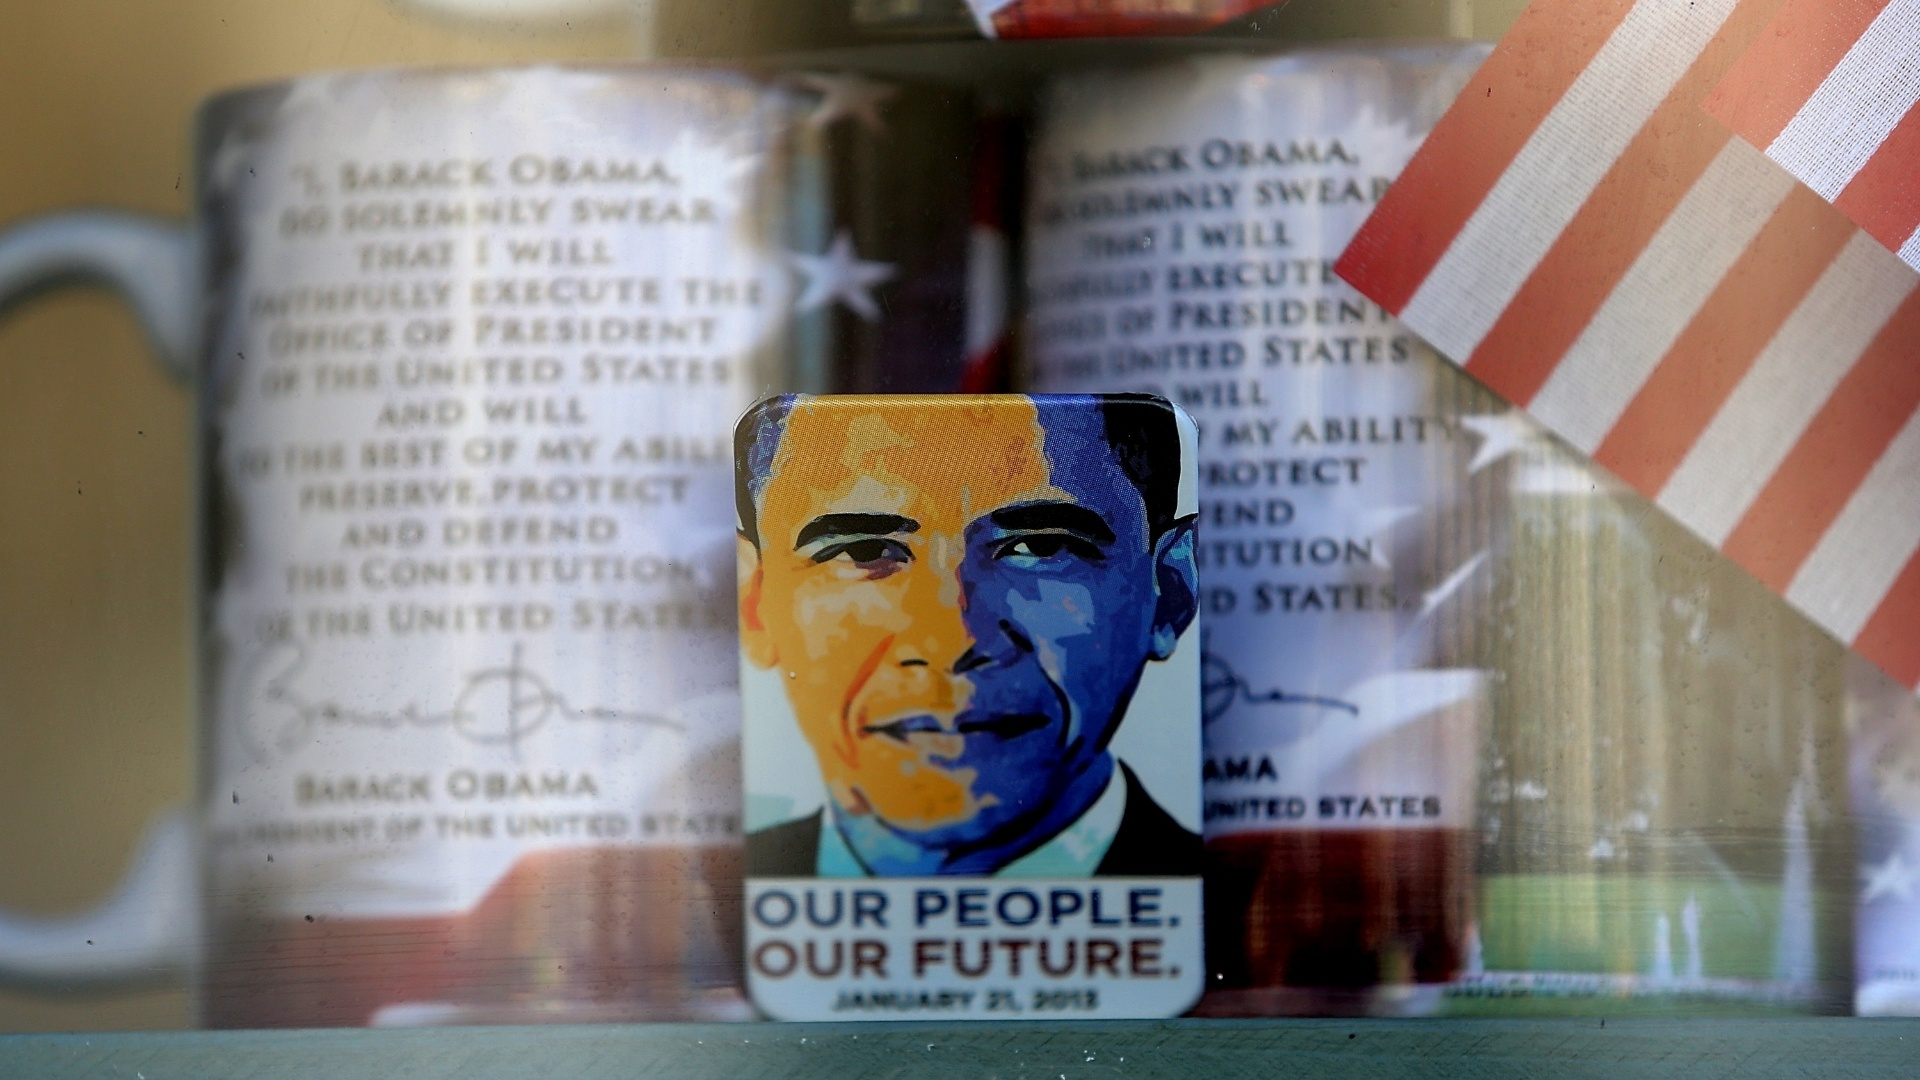 Loja em Washington D.C, nos Estados Unidos, expõe souvenirs do presidente Barack Obama